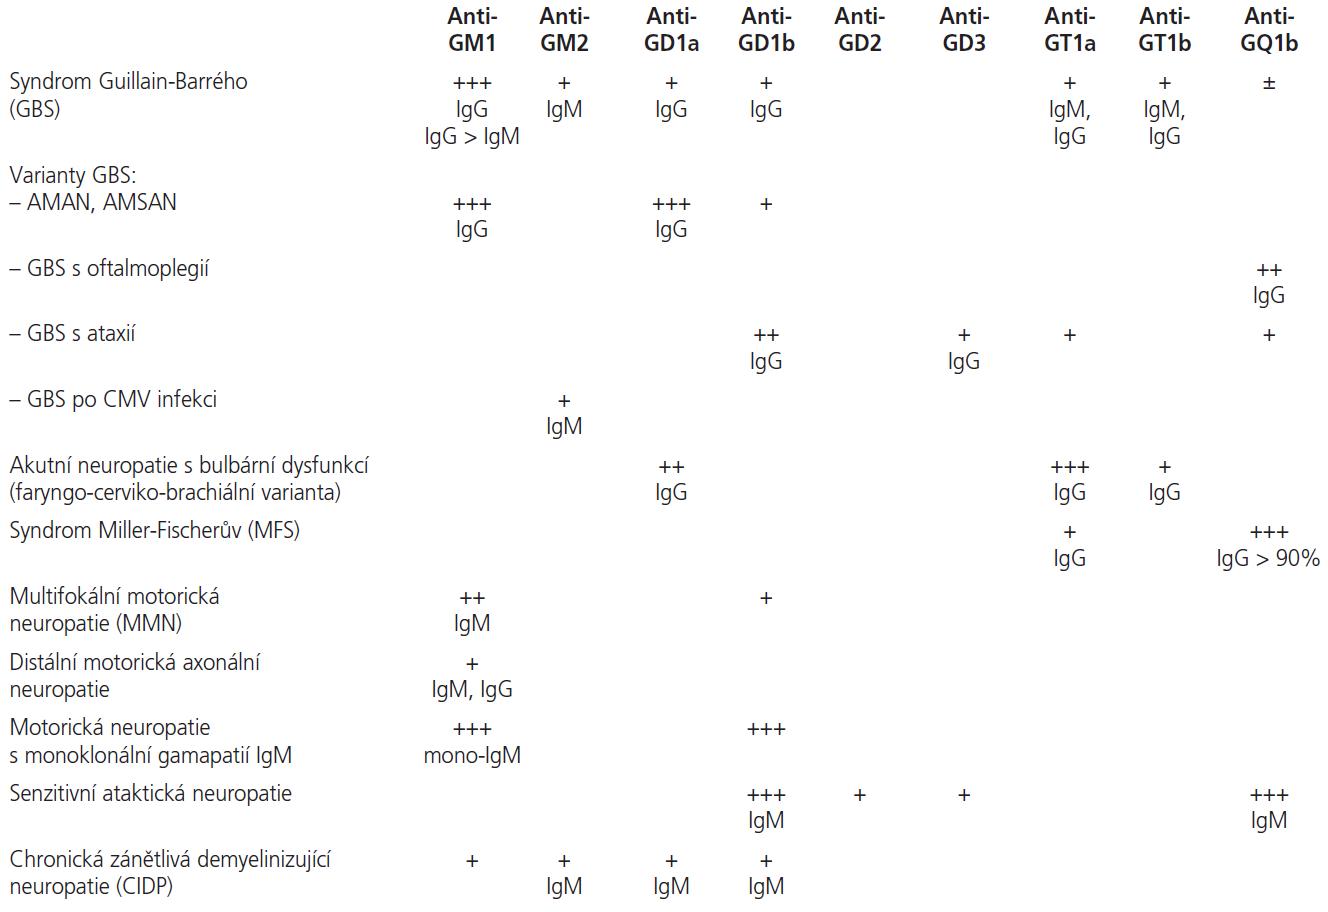 Přehled protilátek proti gangliosidům a souvislost jejich výskytu s akutními a chronickými zánětlivými neuropatiemi.